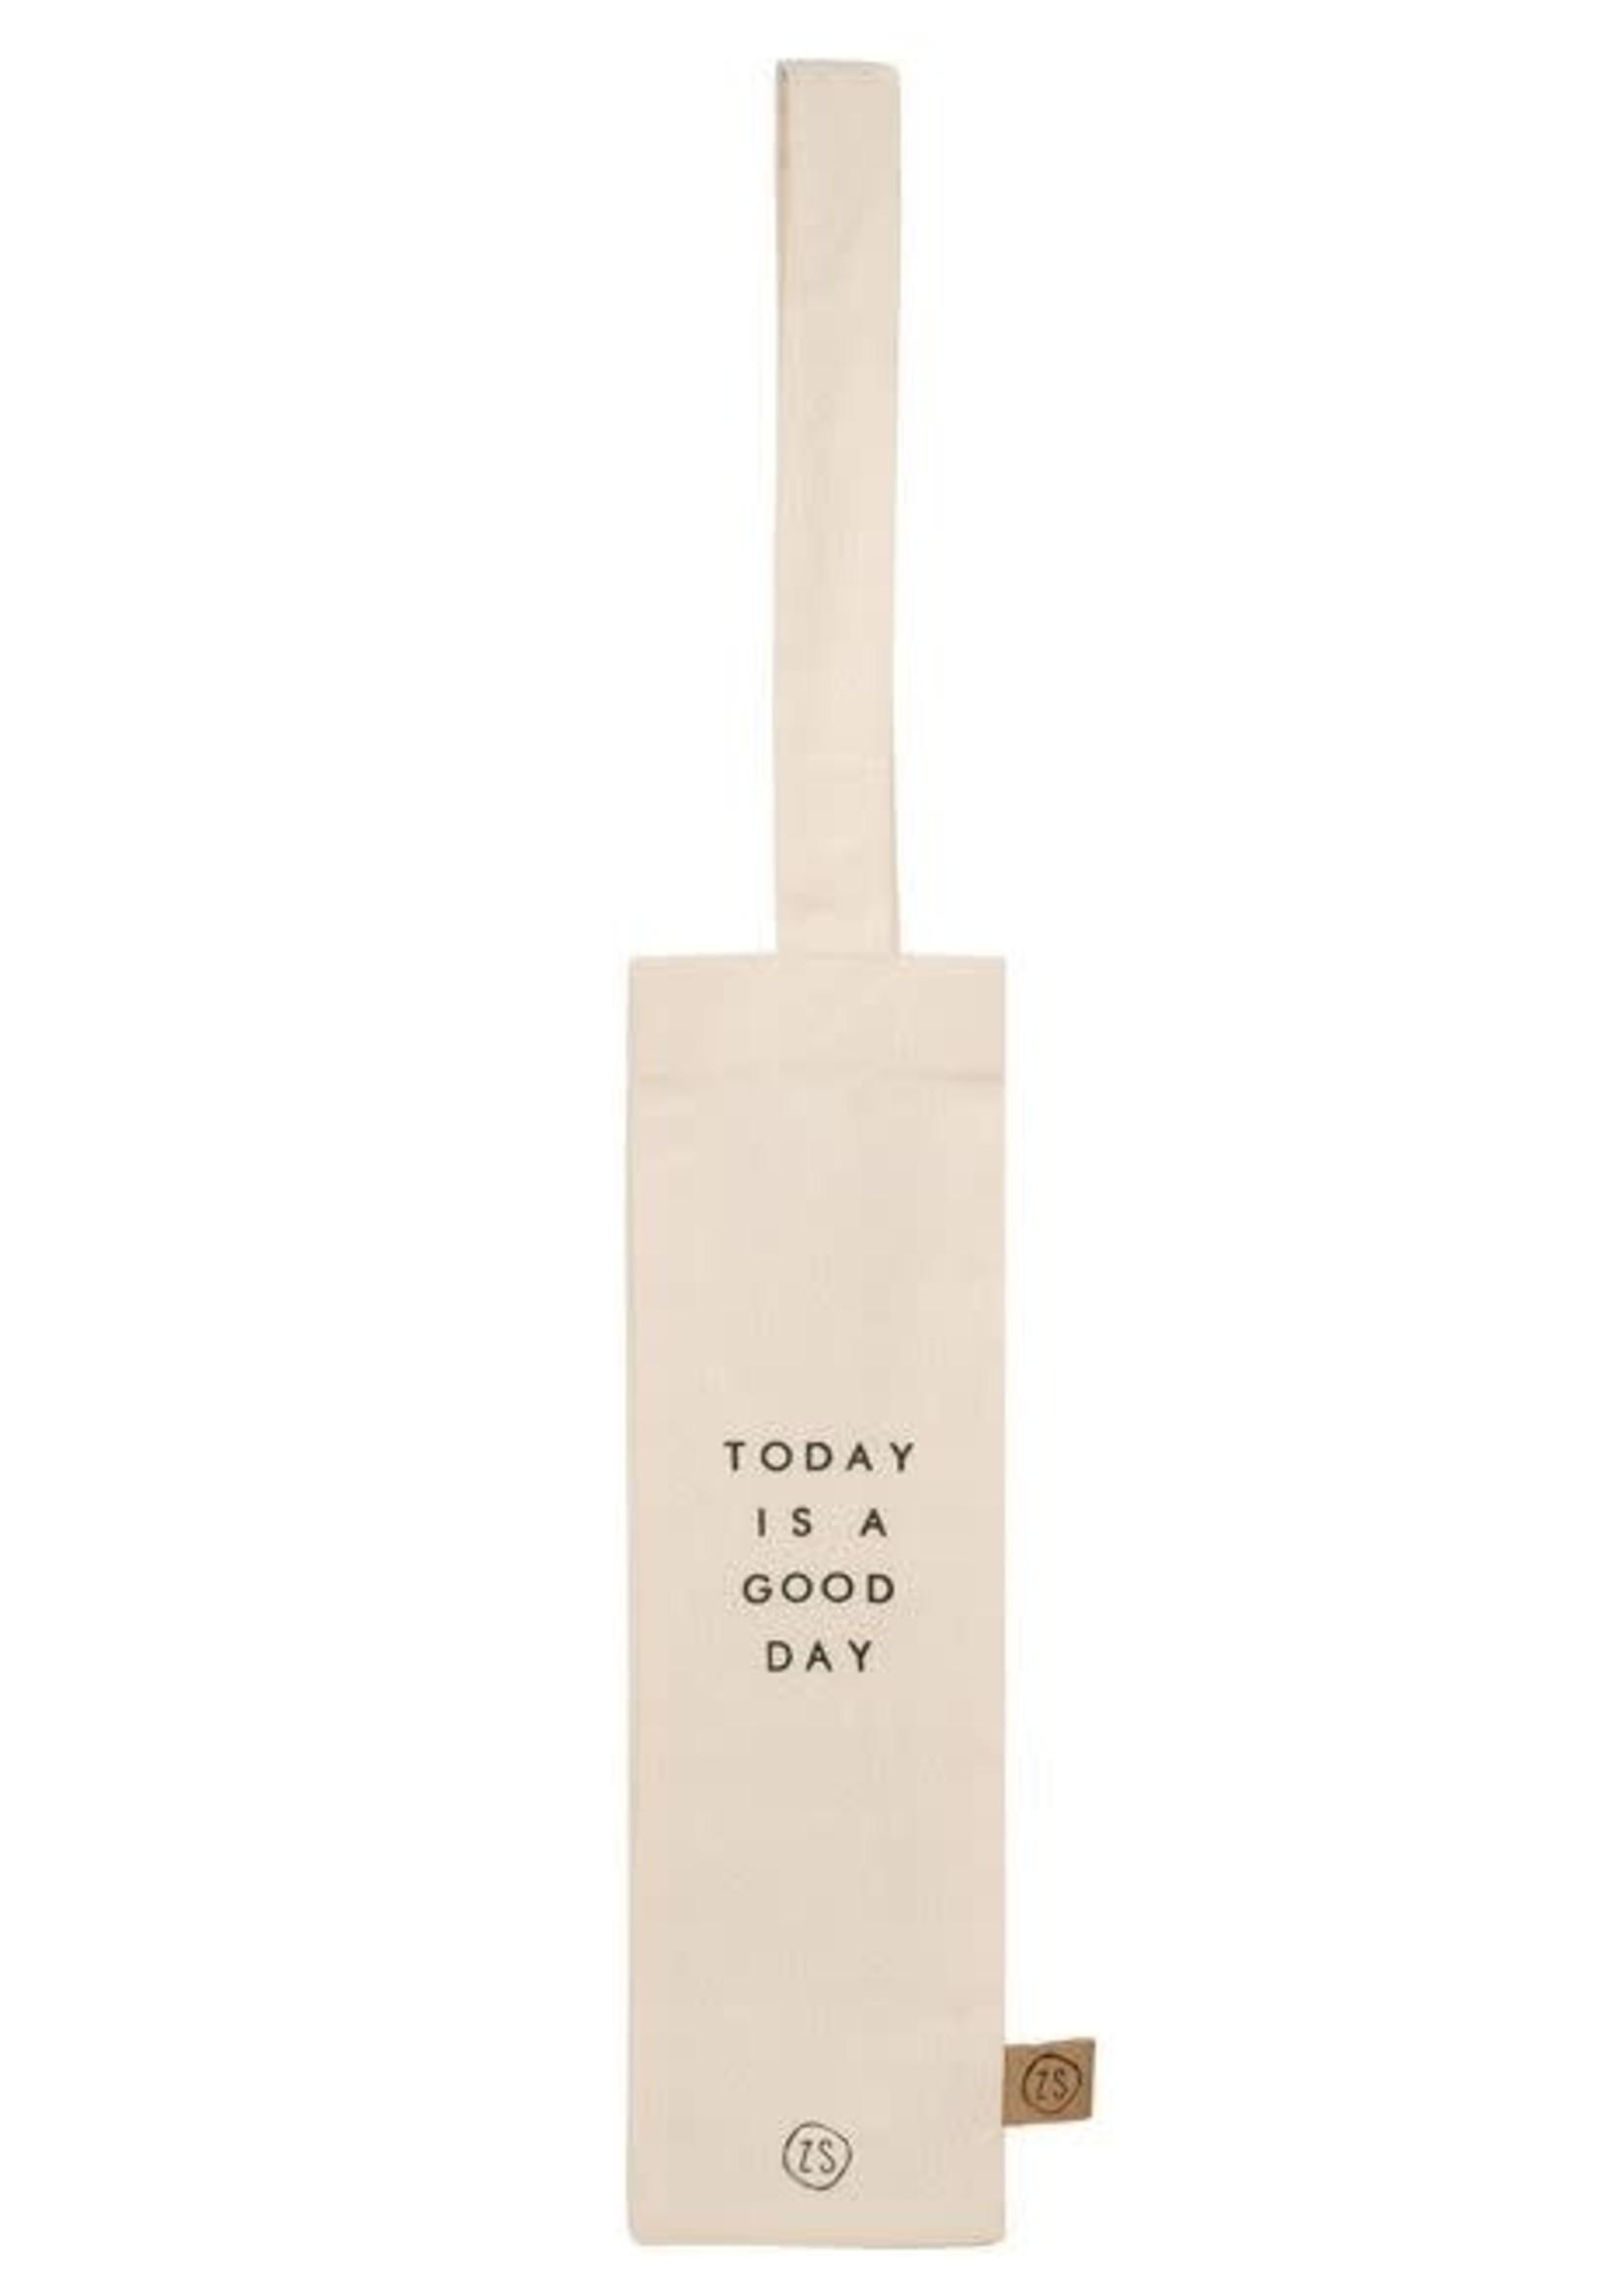 ZUSSS Kadotasje voor wijn Good day